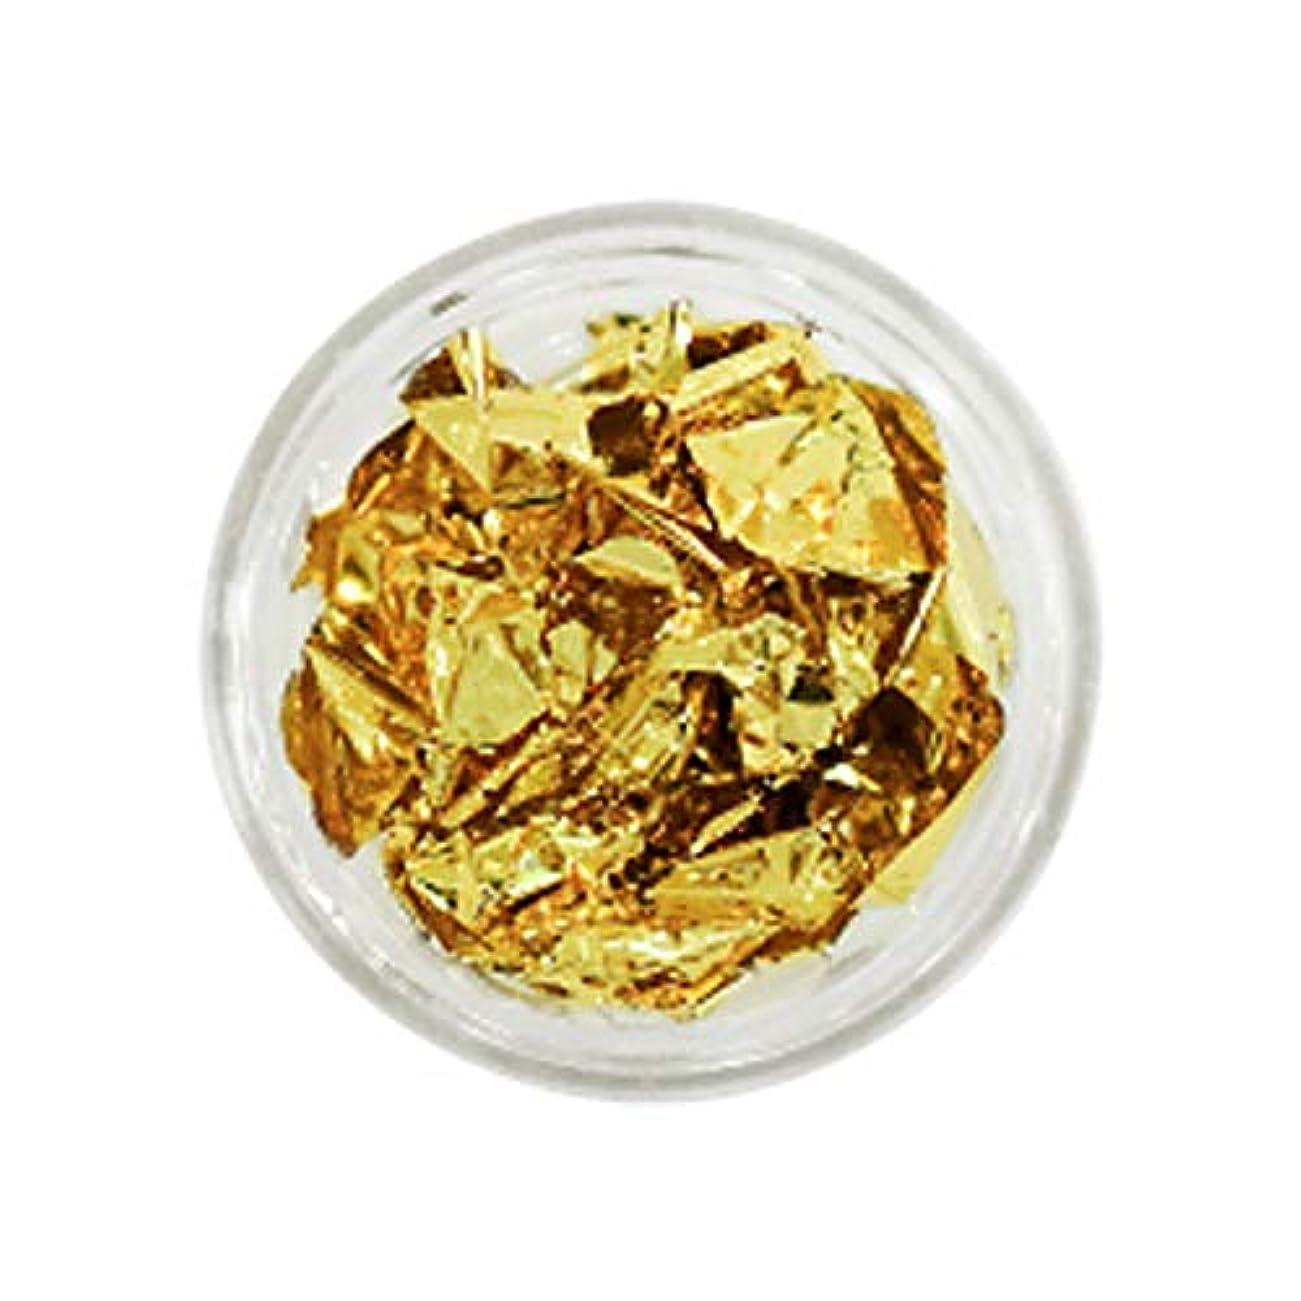 下る忌避剤トラップBonnail(ボンネイル) 箔セレクション プラチナゴールド